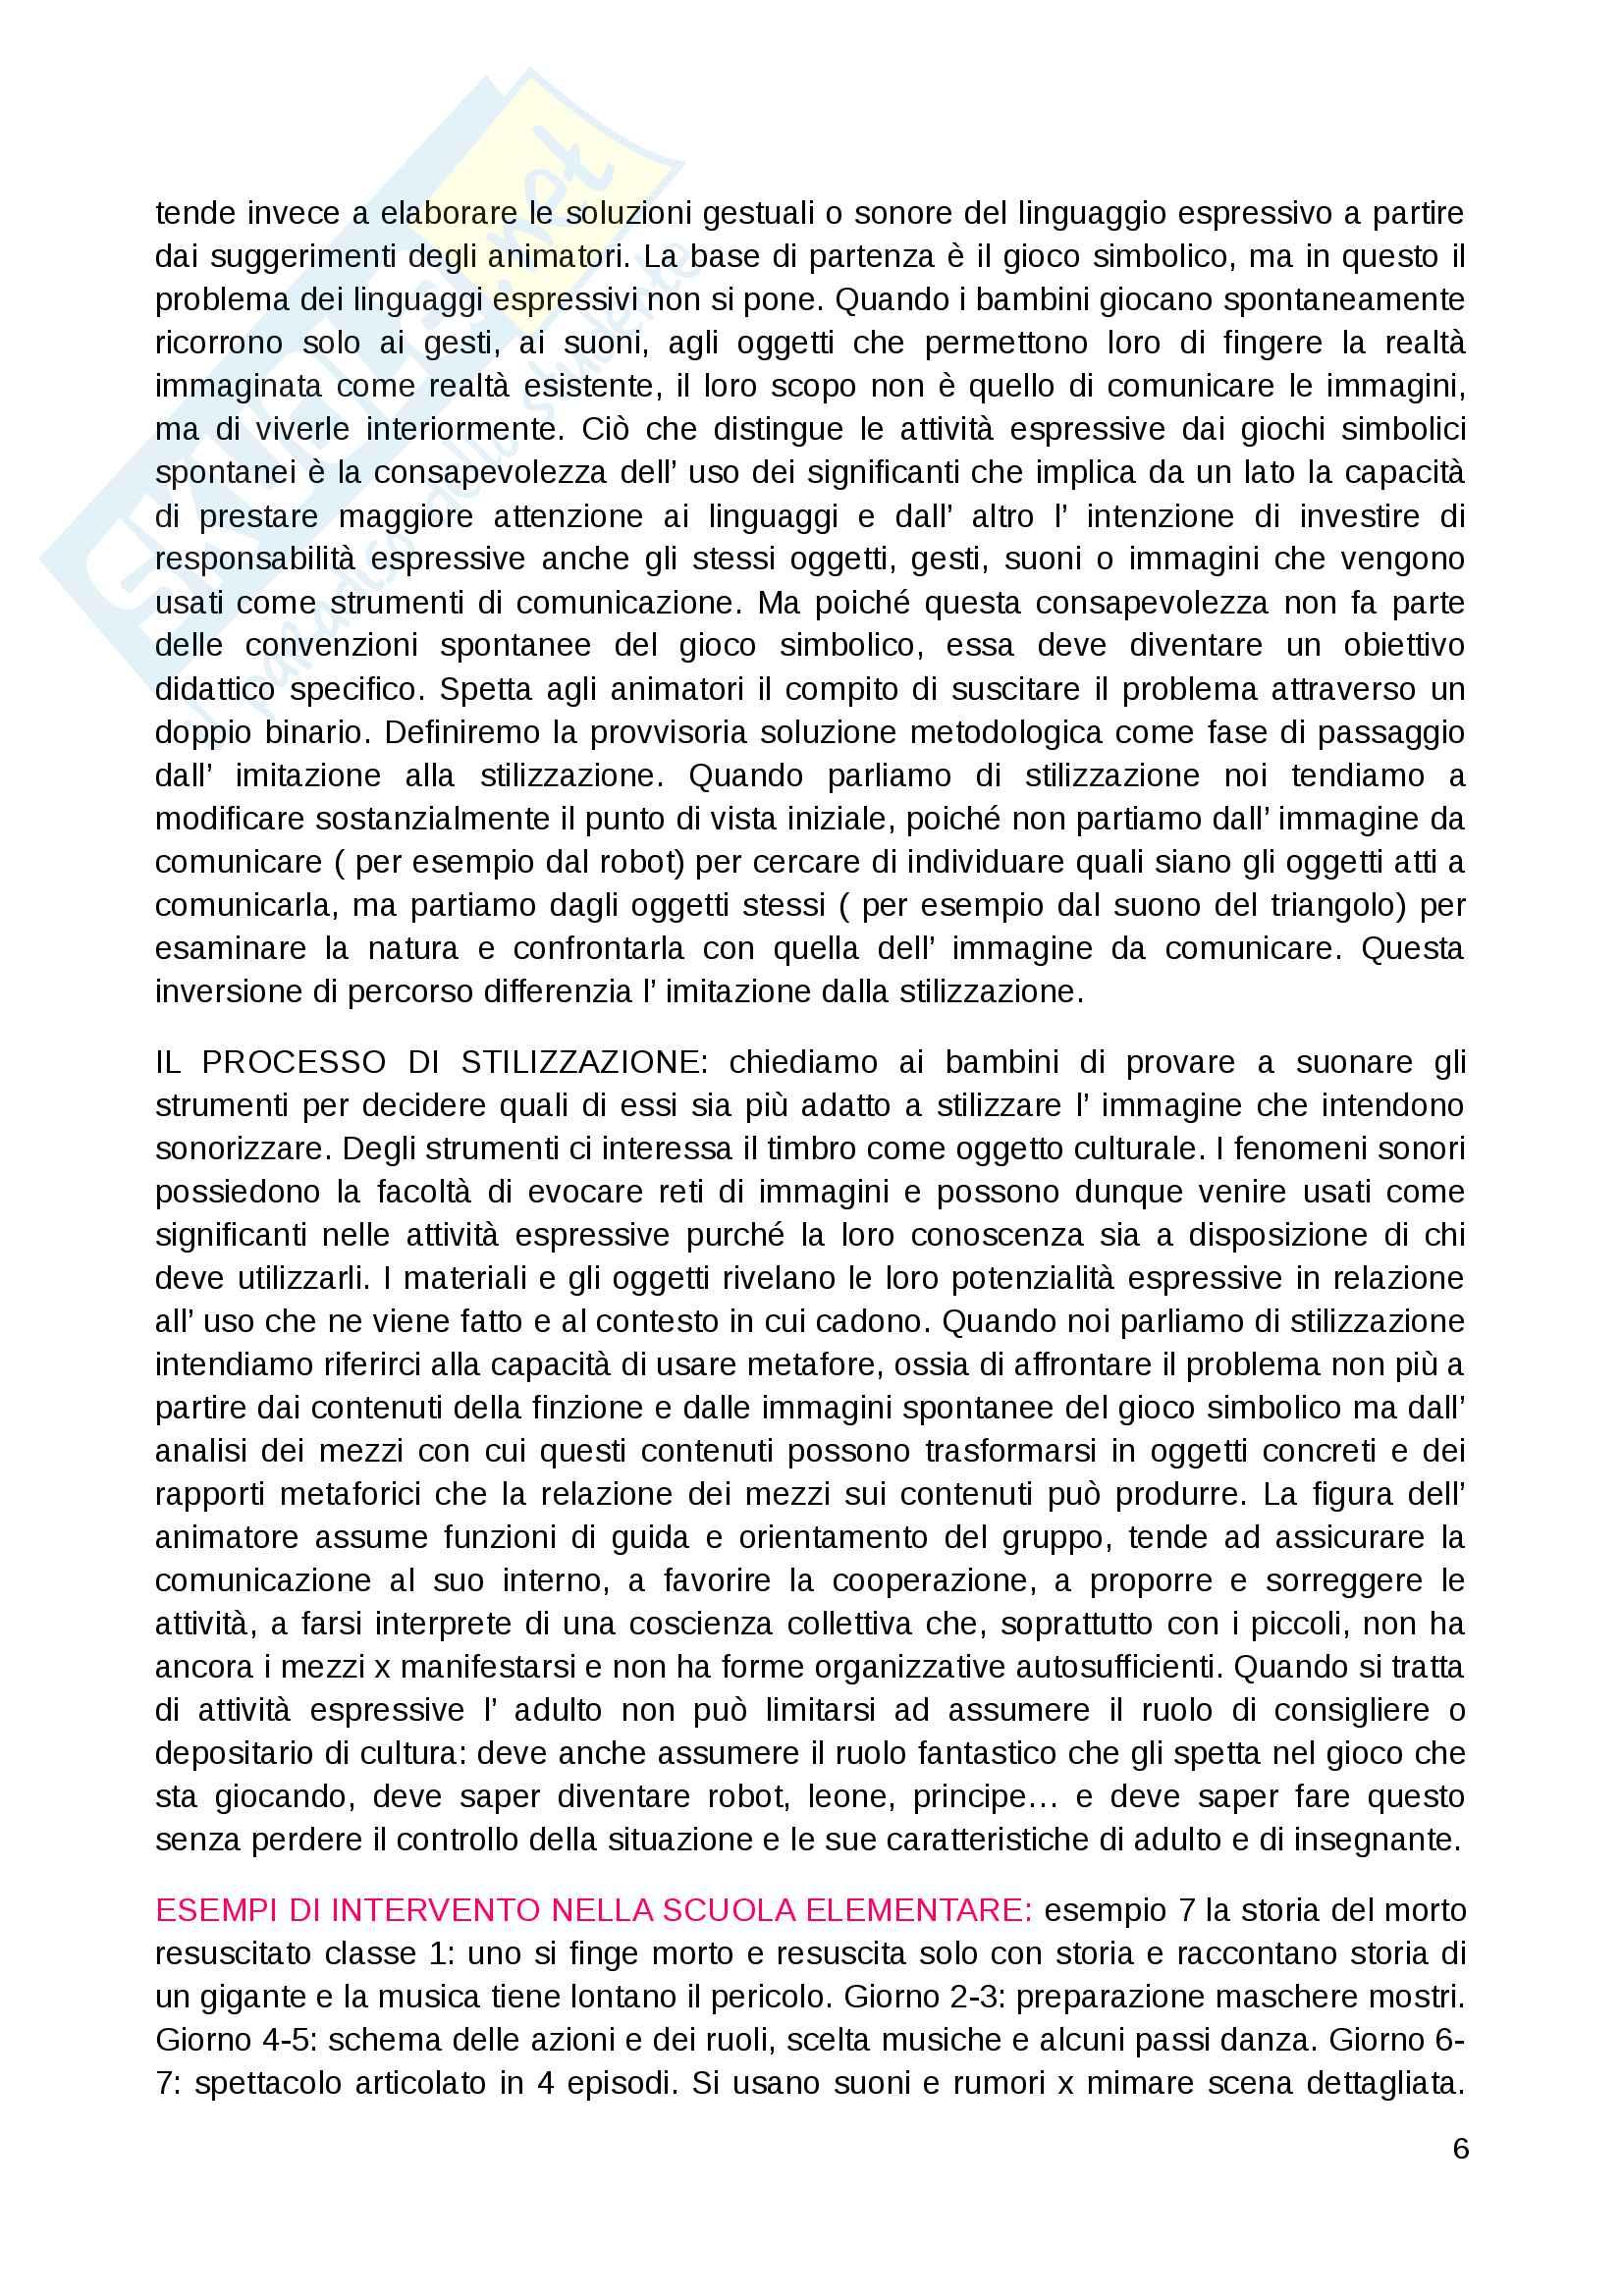 """Riassunto esame Educazione musicale, prof. Luisa Curinga, libri consigliati """"Suoni e significati"""" di Baroni Mario, """"Teorie, metodi e pratiche"""" di Johannella Tafuri e """"Nascere musicali"""" di Johannella Tafuri Pag. 6"""